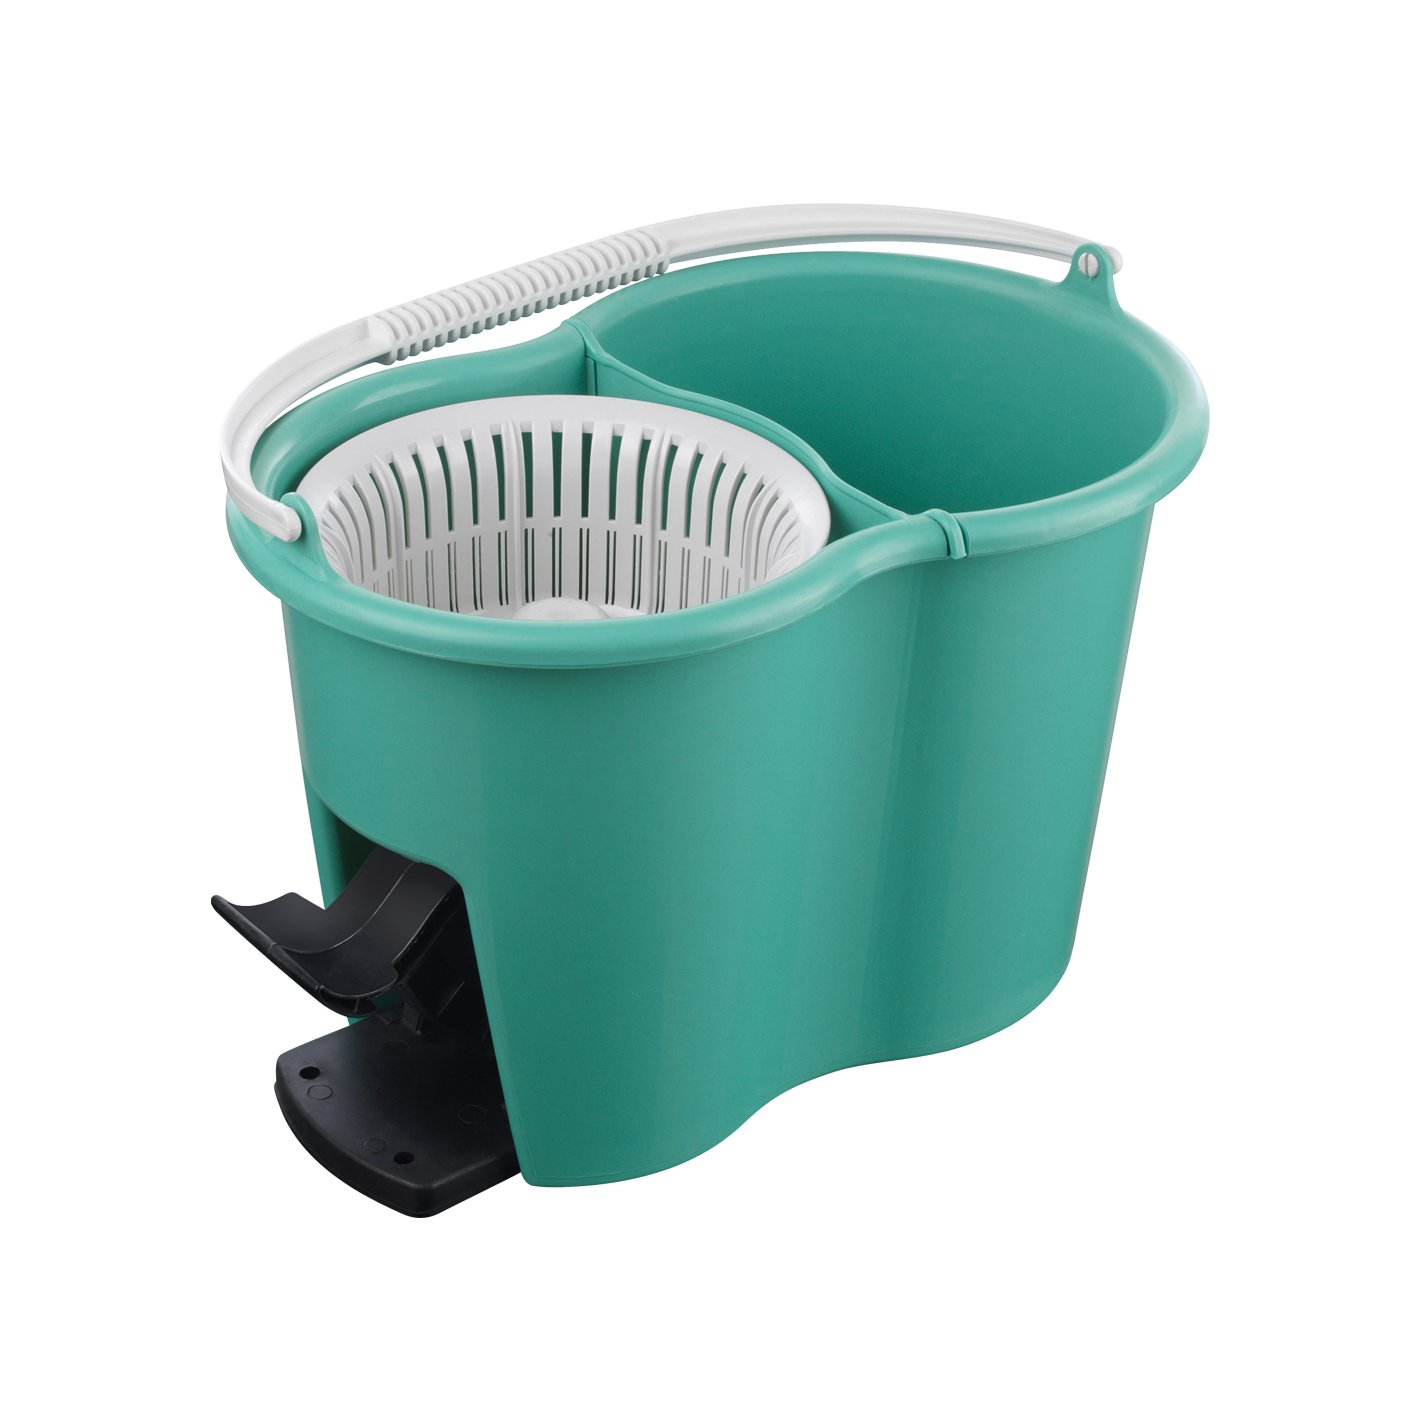 Designed in Germany T/ürkis CLEANmaxx 05549 Power-Wischmopp Spezial-Eimer| Zwei-Kammer-Filtersystem Schmutzwasserfilter Leichtes Auswringen